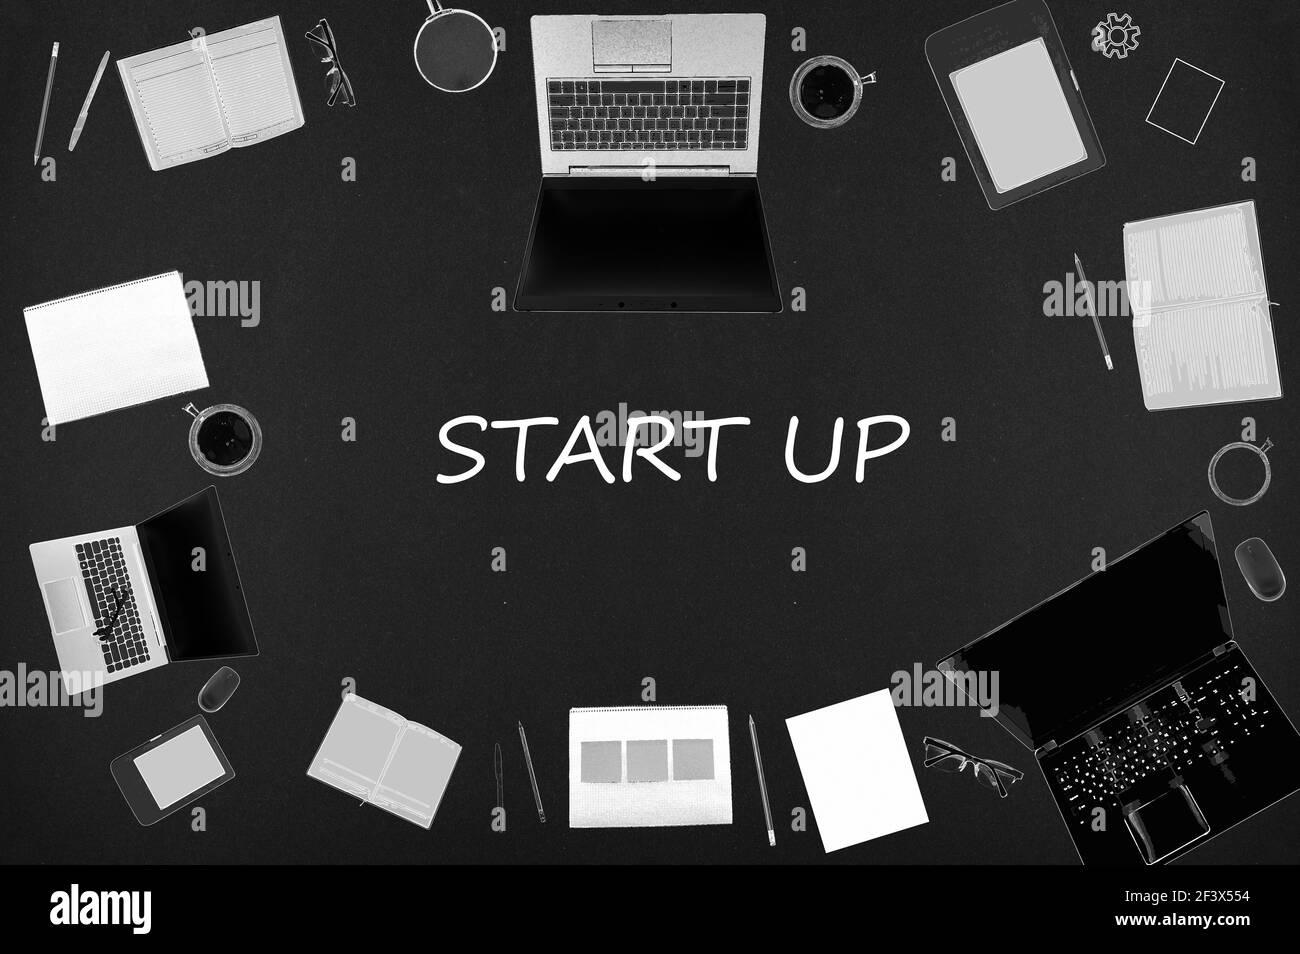 Concepto de puesta en marcha. Diseño superior de dibujos de portátiles, notepads, café, diferentes cosas de negocios sobre fondo negro. Foto de stock